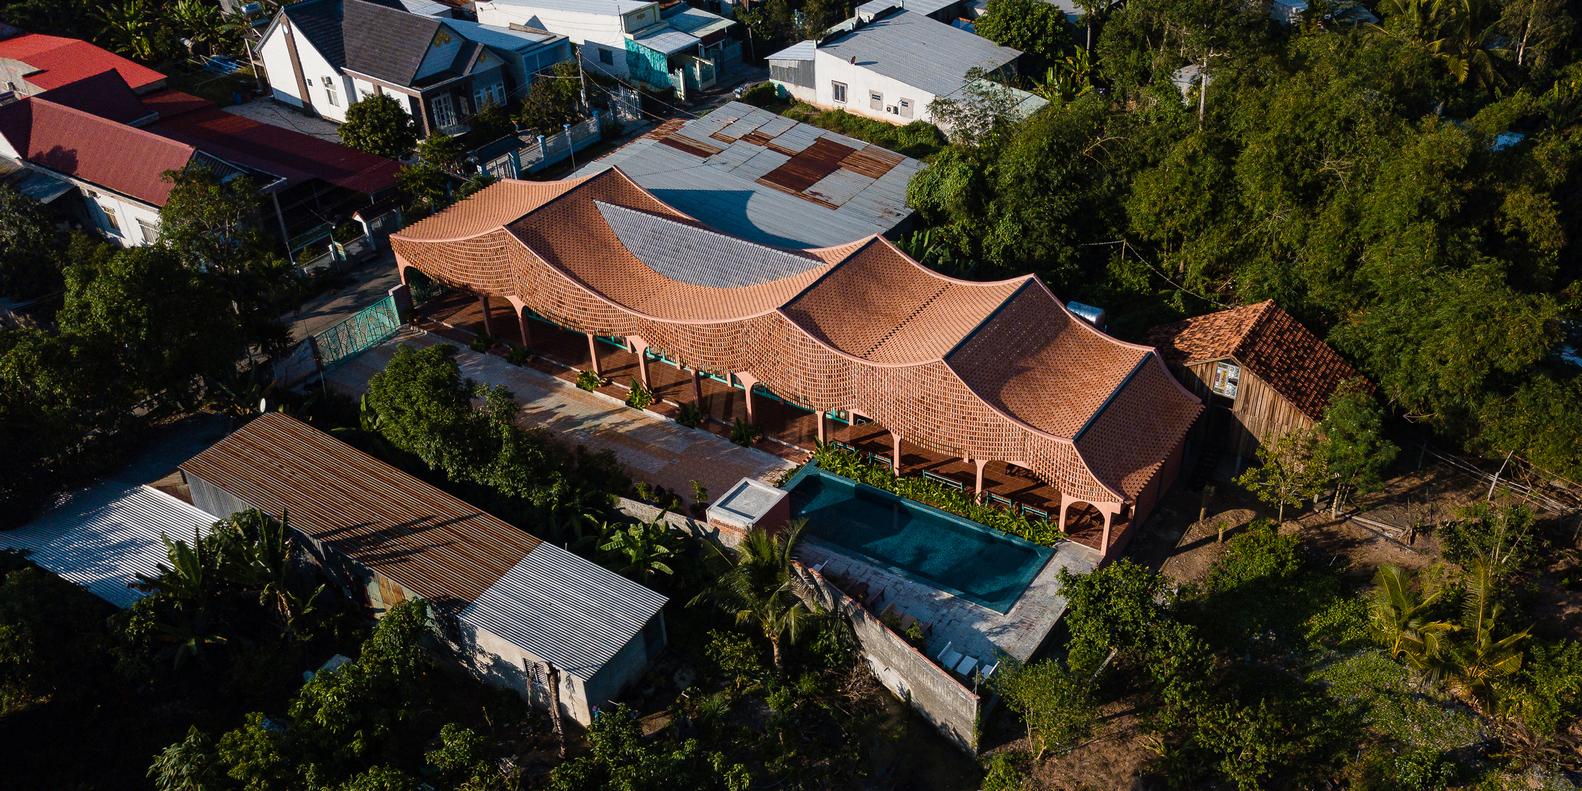 Mái nhà được 'đan' từ những tấm rèm đất nung lượn sóng